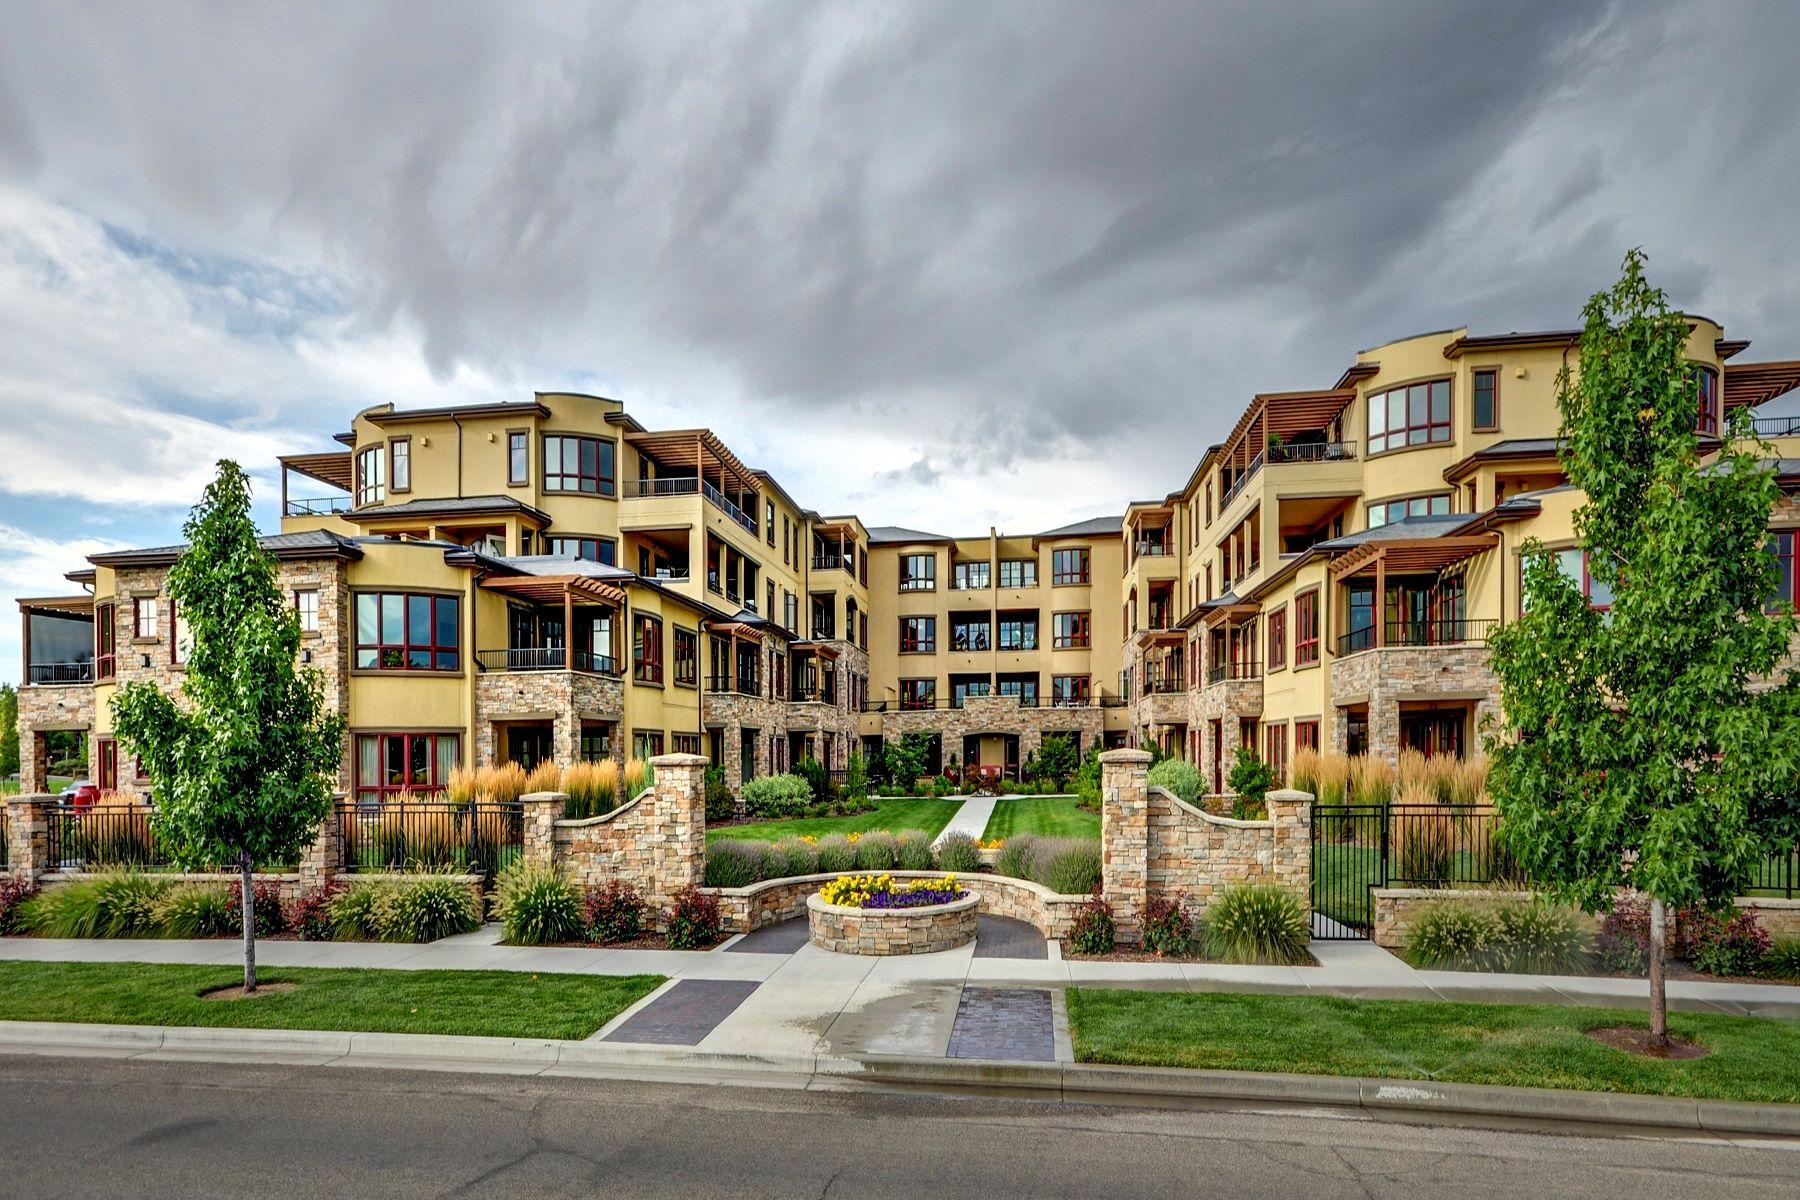 共管式独立产权公寓 为 销售 在 2967 Crescent Rim Dr #304 304, Boise 2967 W Crescent Rim Dr #304 304, Boise, 爱达荷州, 83706 美国